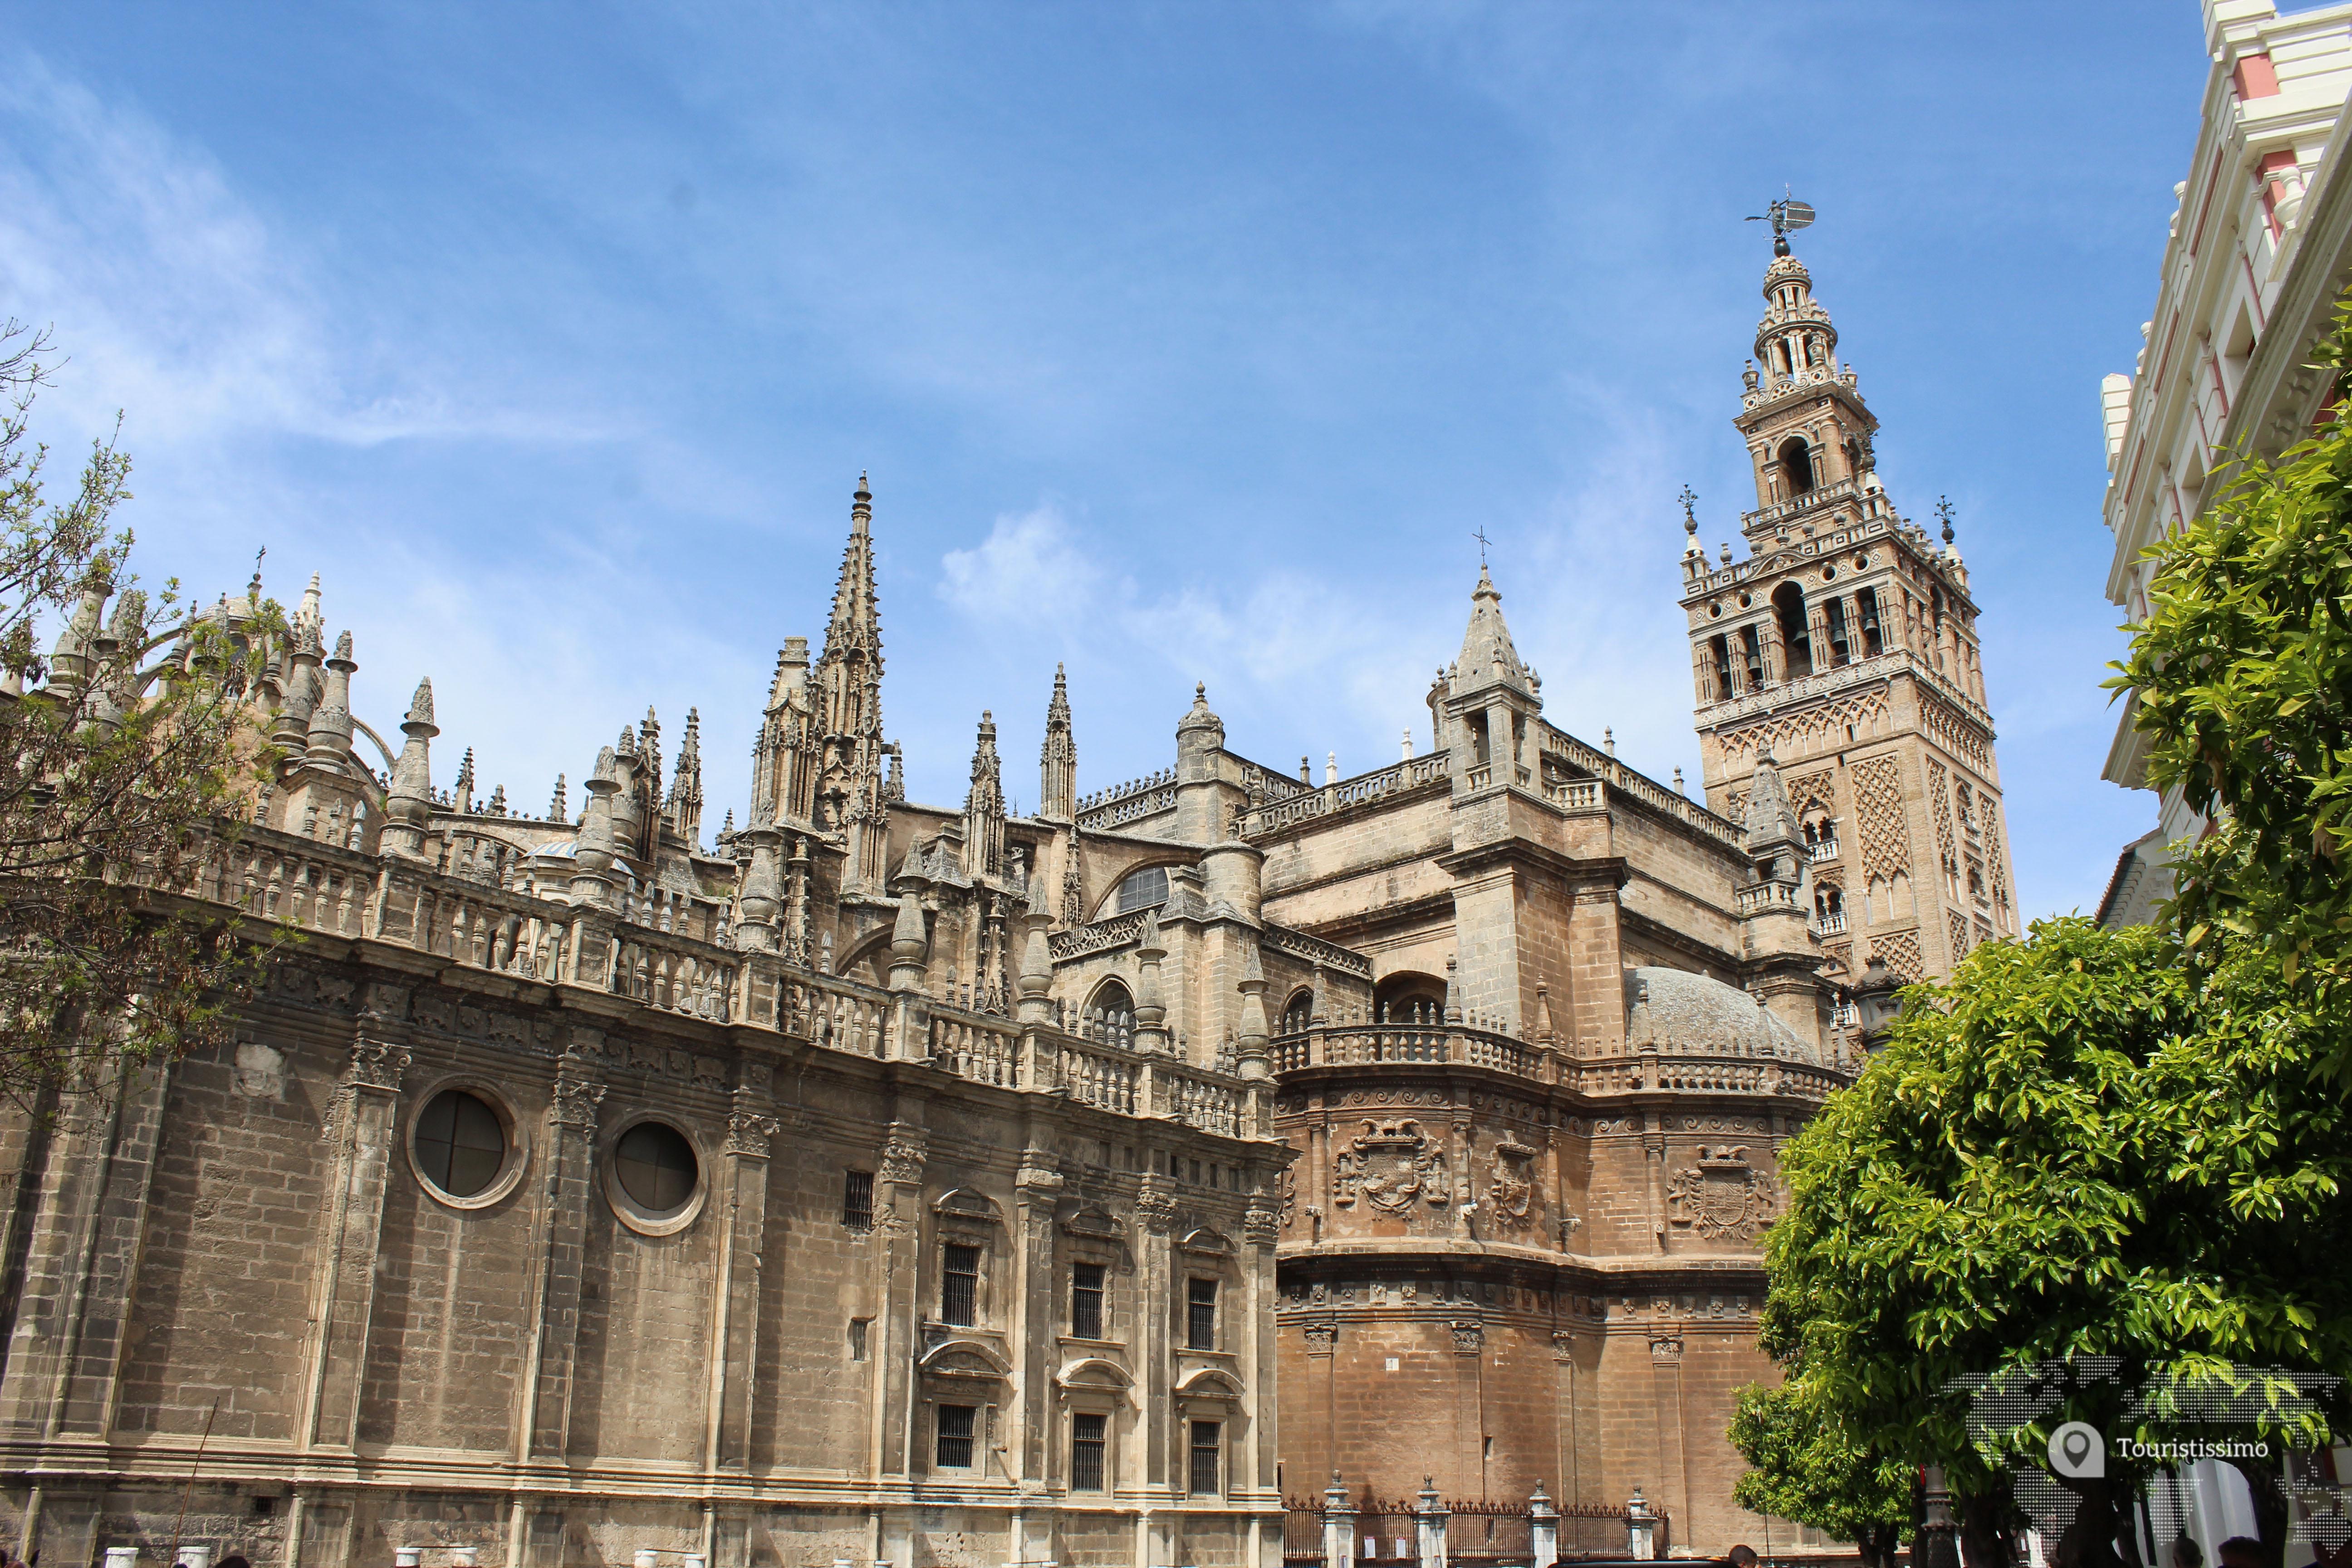 La Giralda à Séville